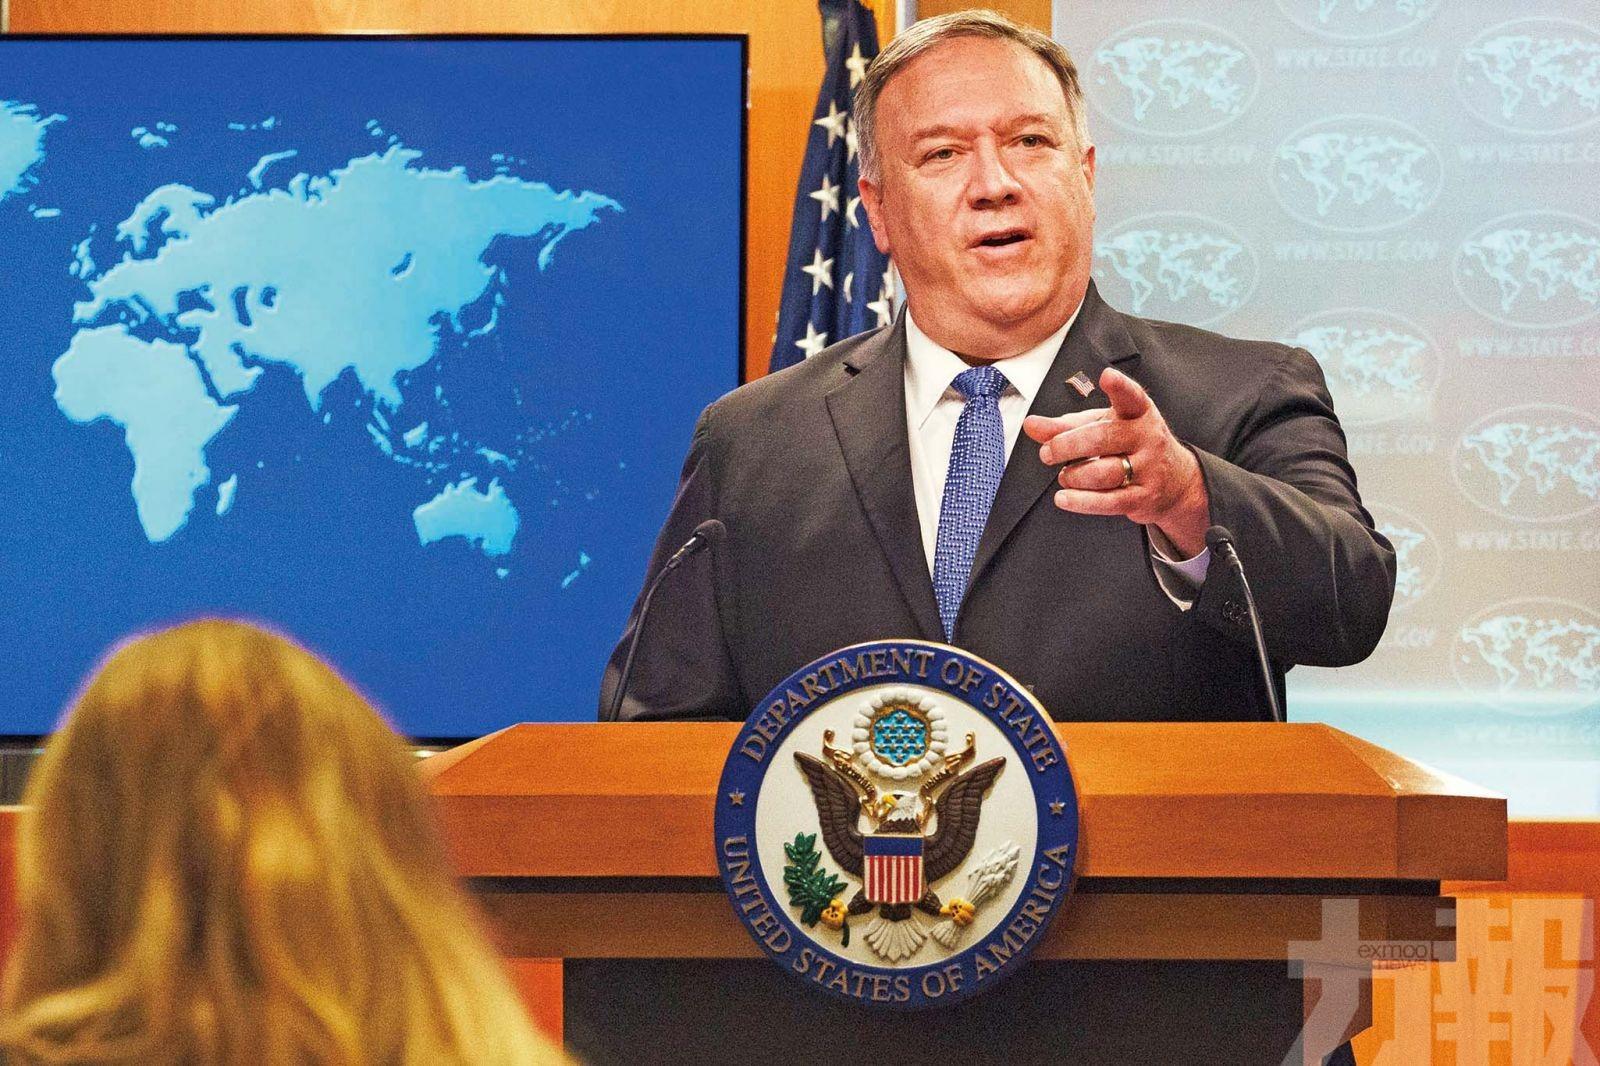 中國駐美大使館:無端攻擊和抹黑